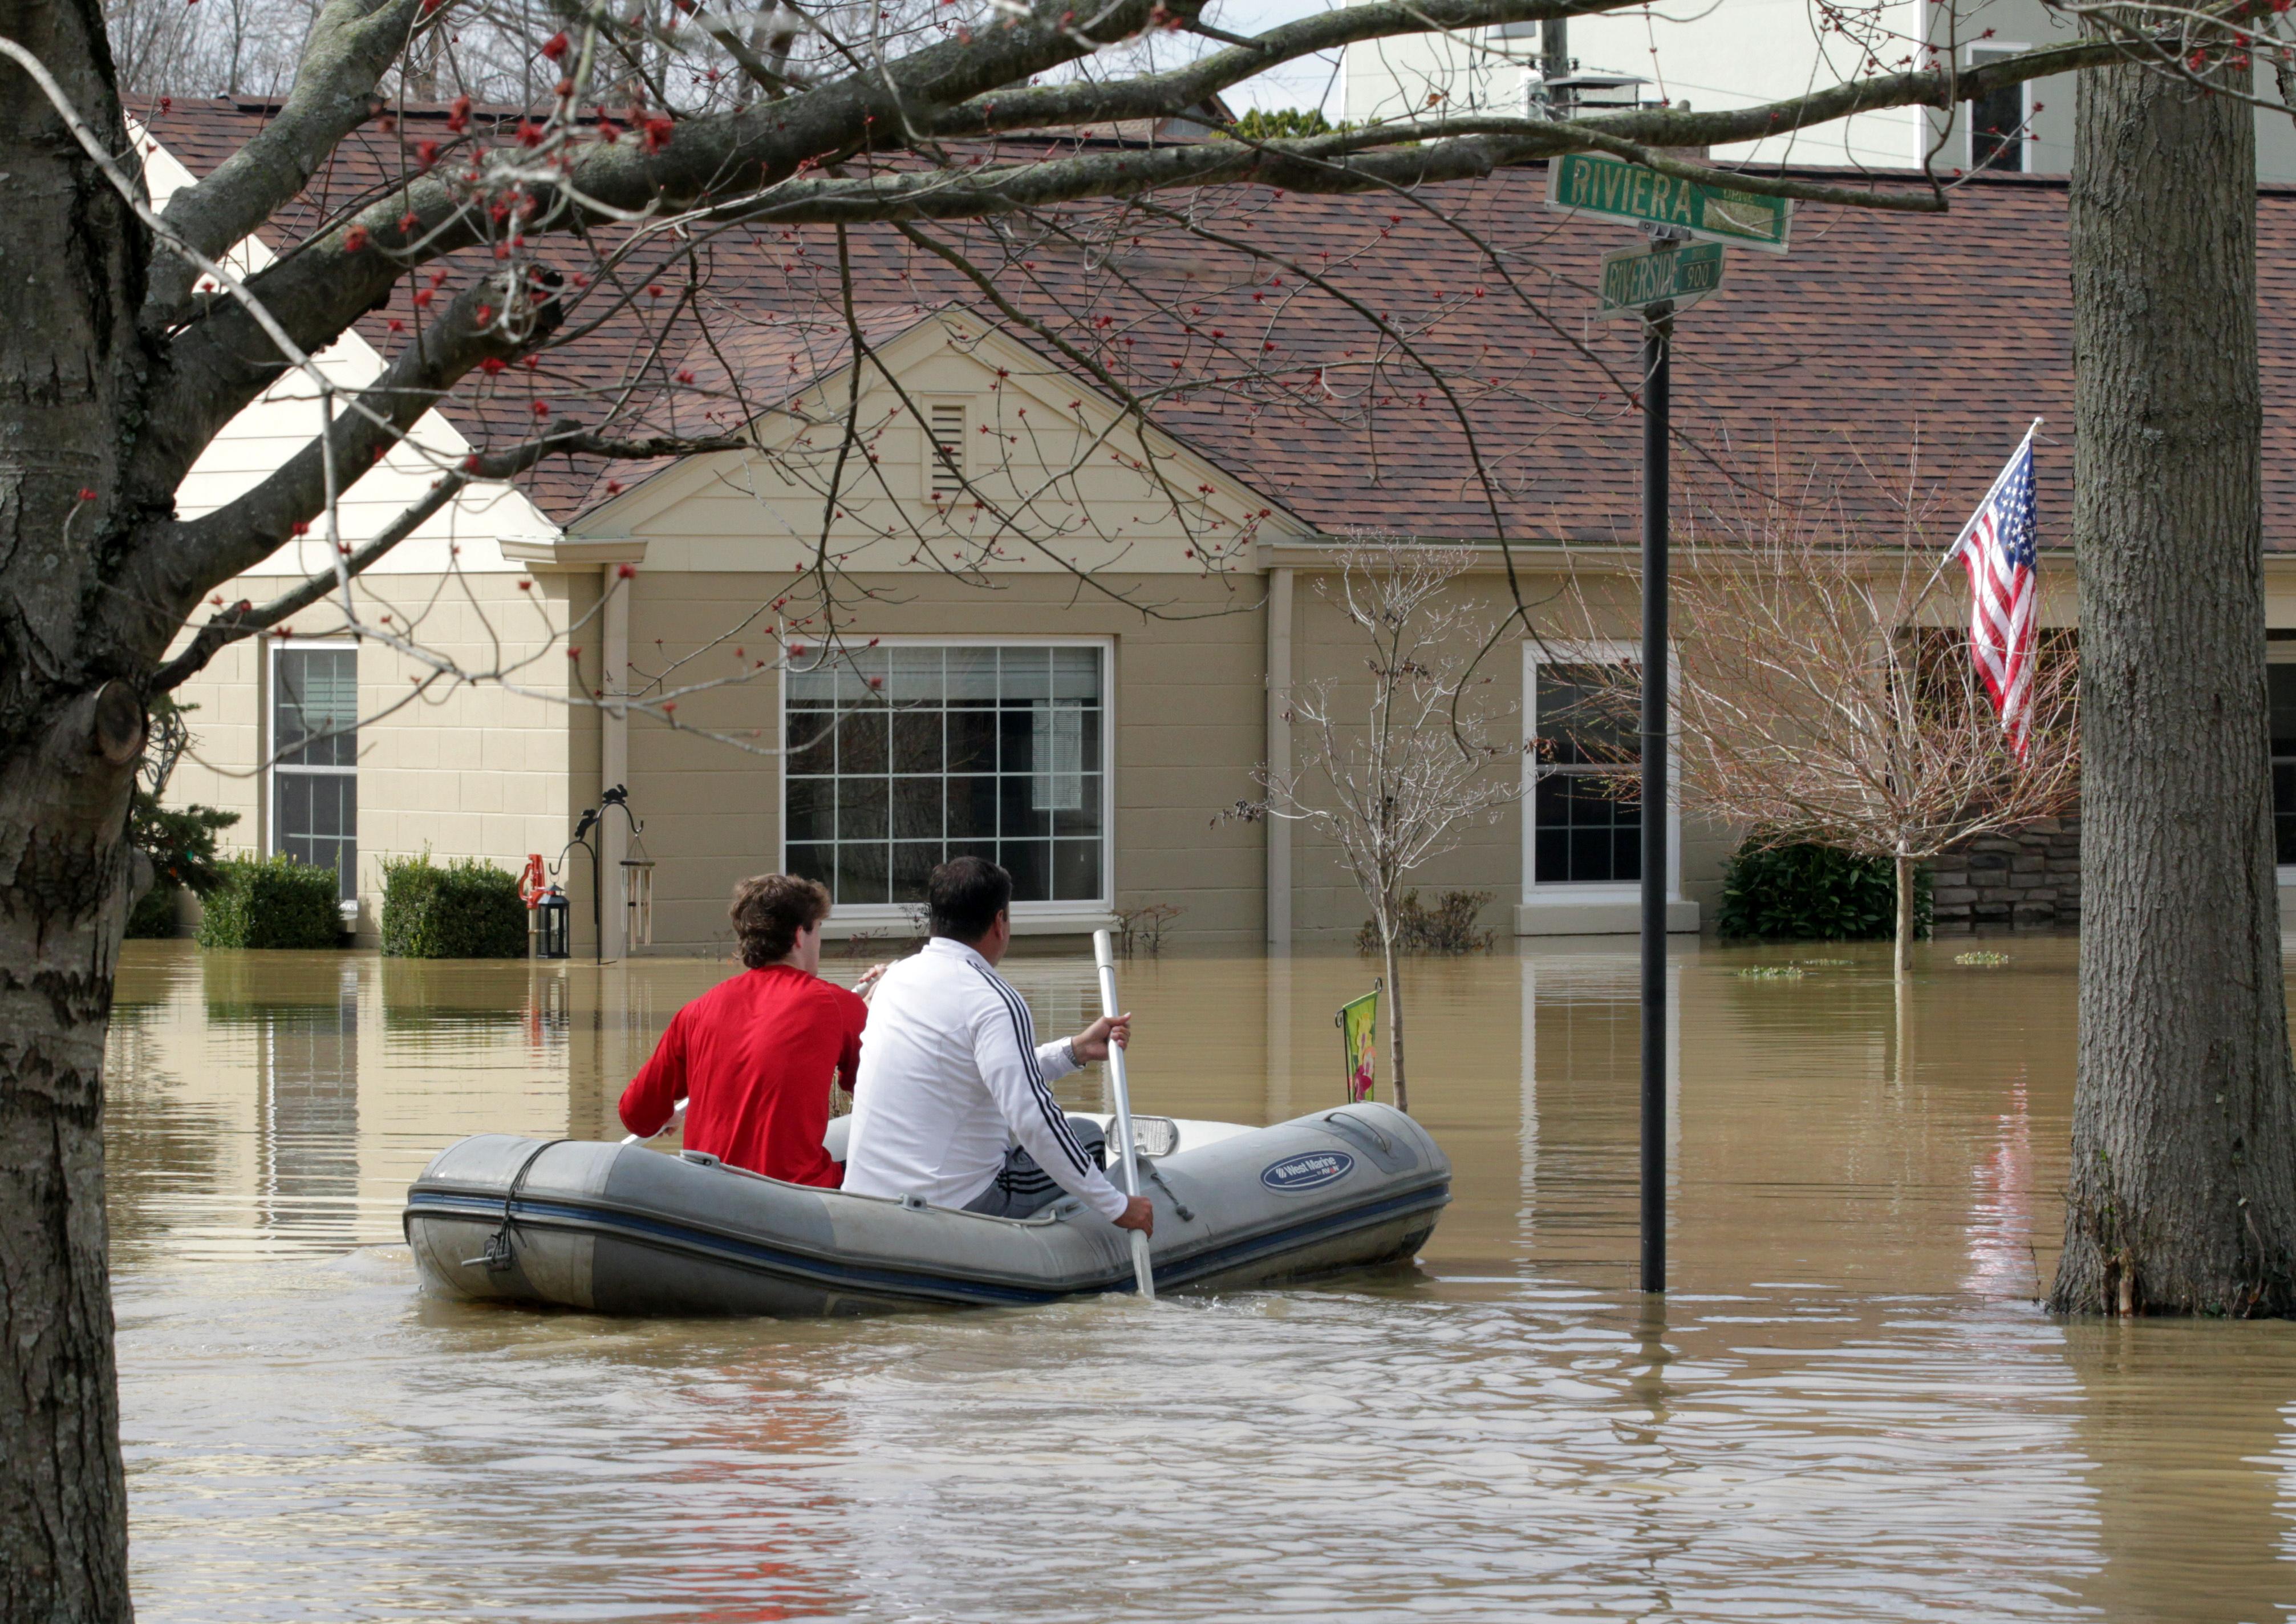 مواطنون يستخدمون القوارب للوصول إلى منازلهم